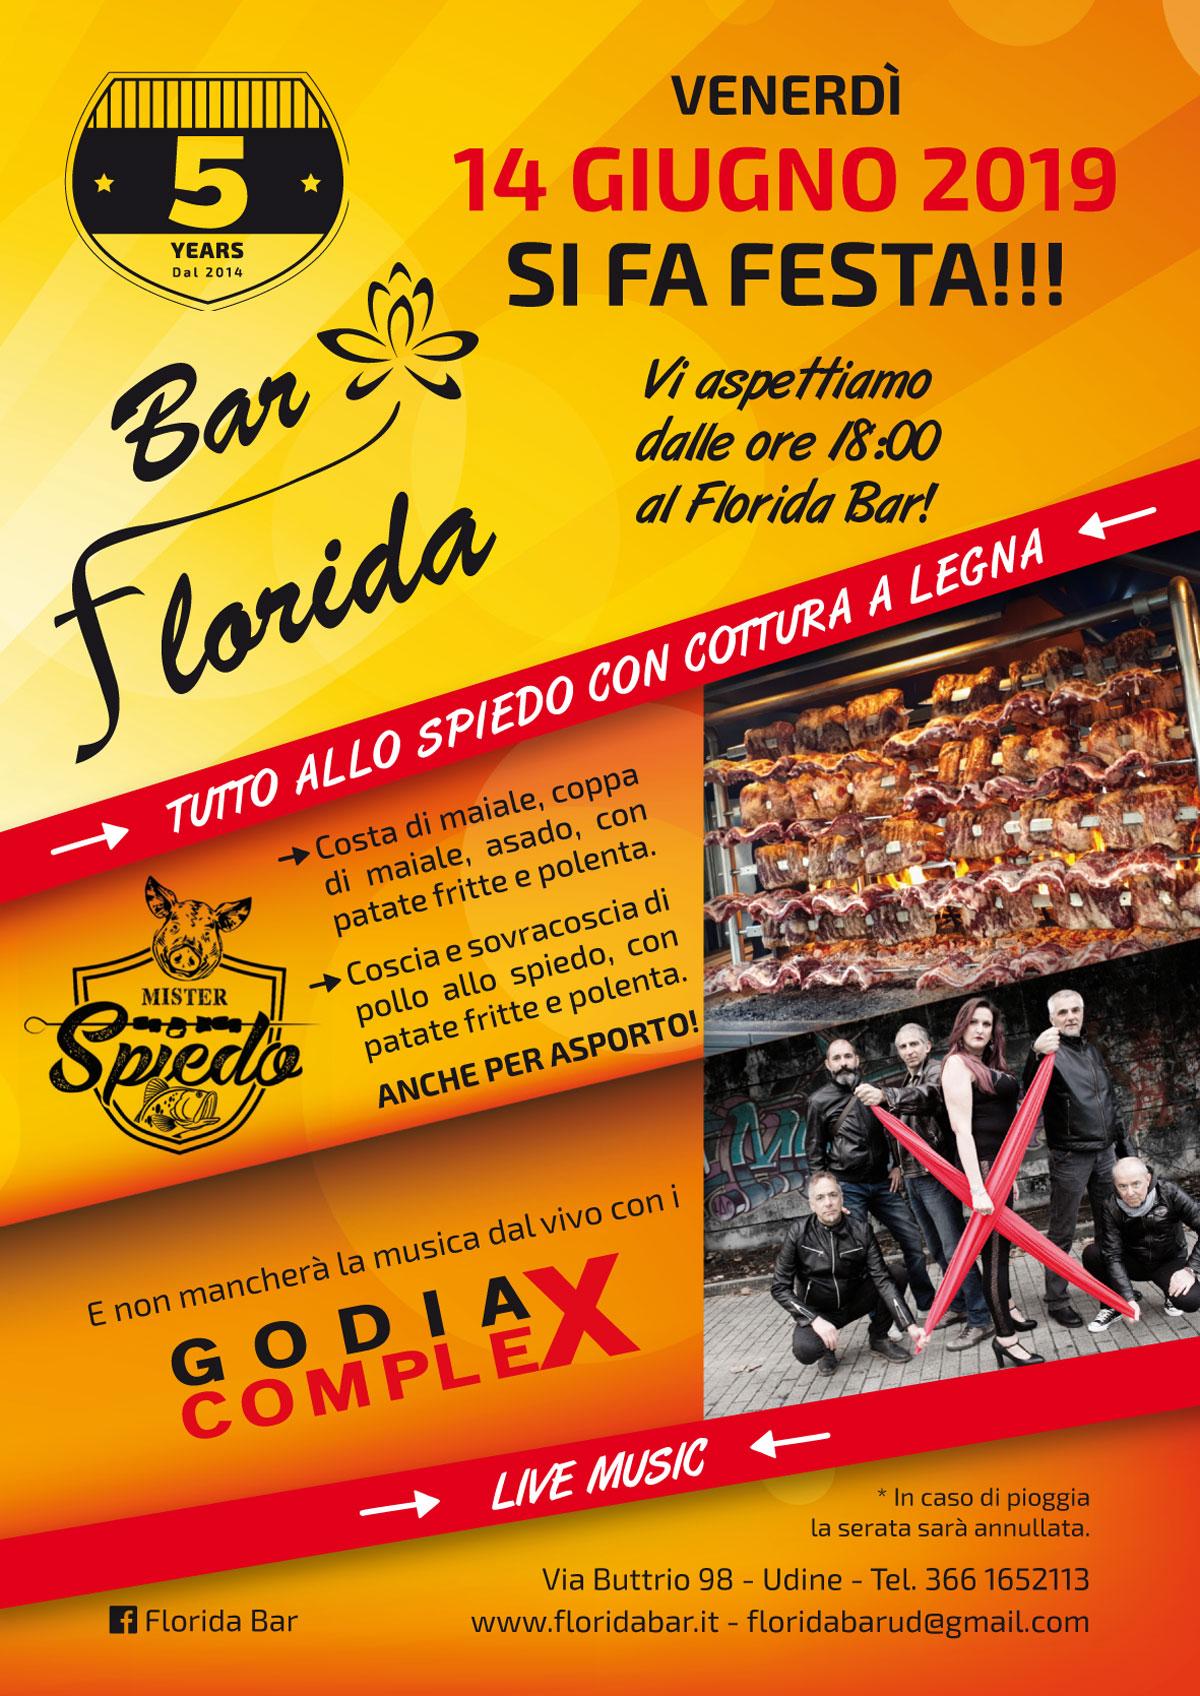 Festa al Florida Bar a Udine!